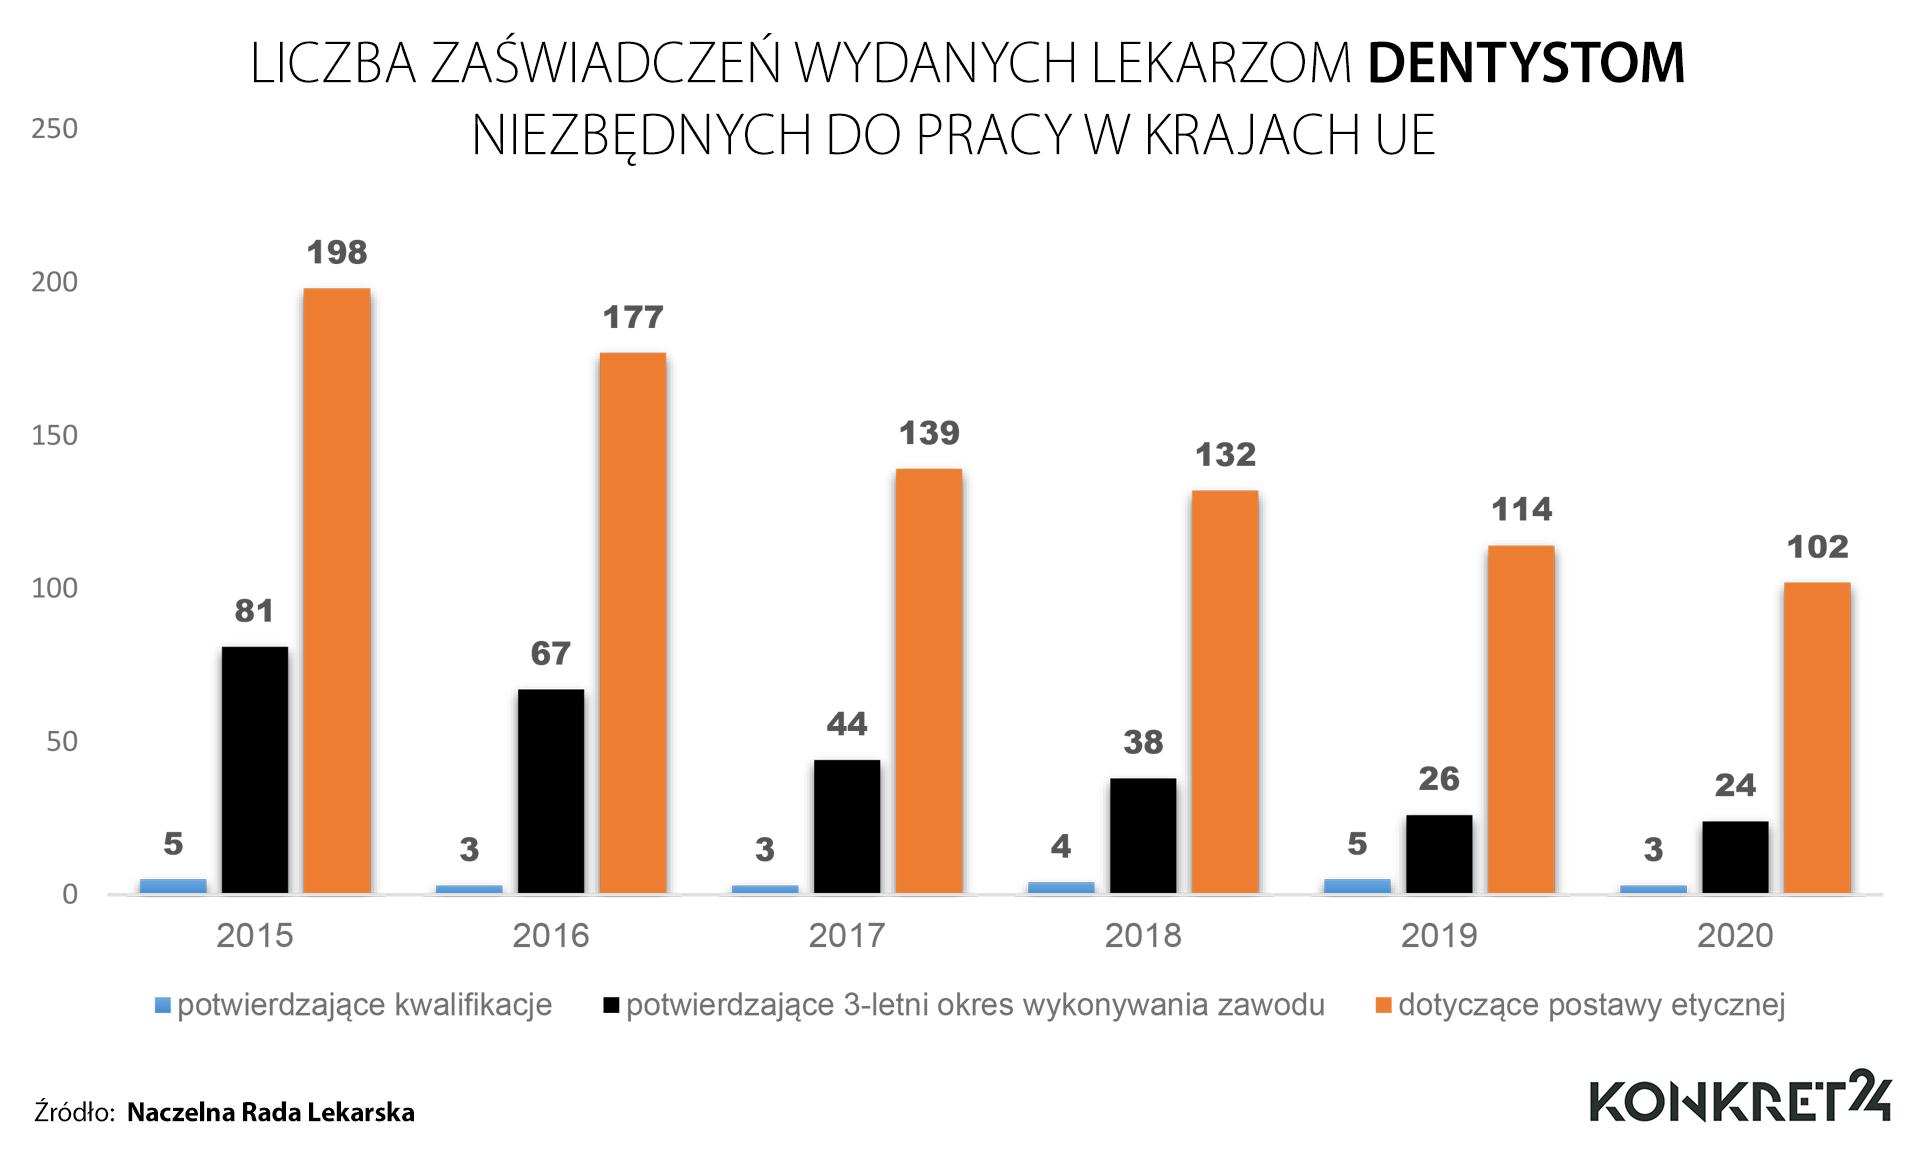 Liczba zaświadczeń wydanych lekarzom dentystom niezbędnych do pracy w UE